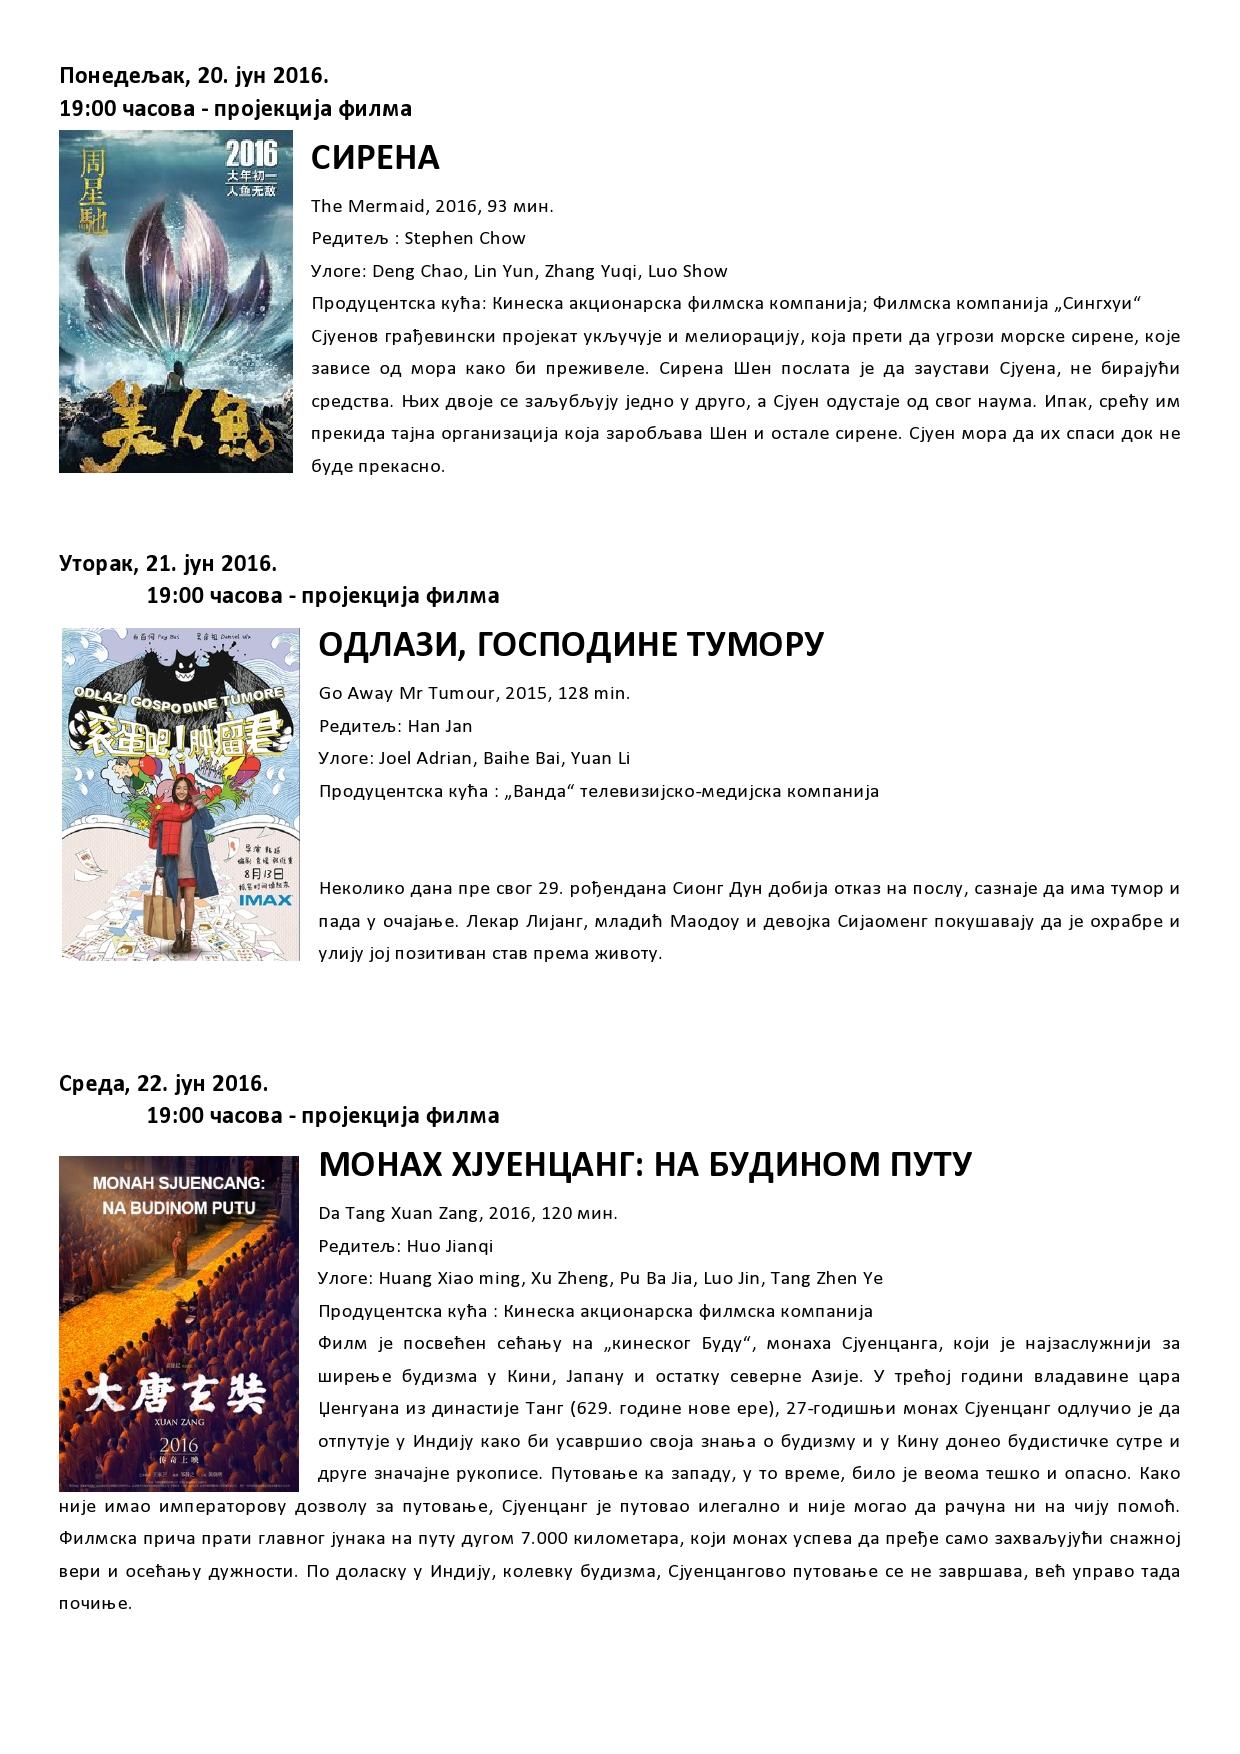 Nedelja kineskog filma u Novom Sadu-page0003